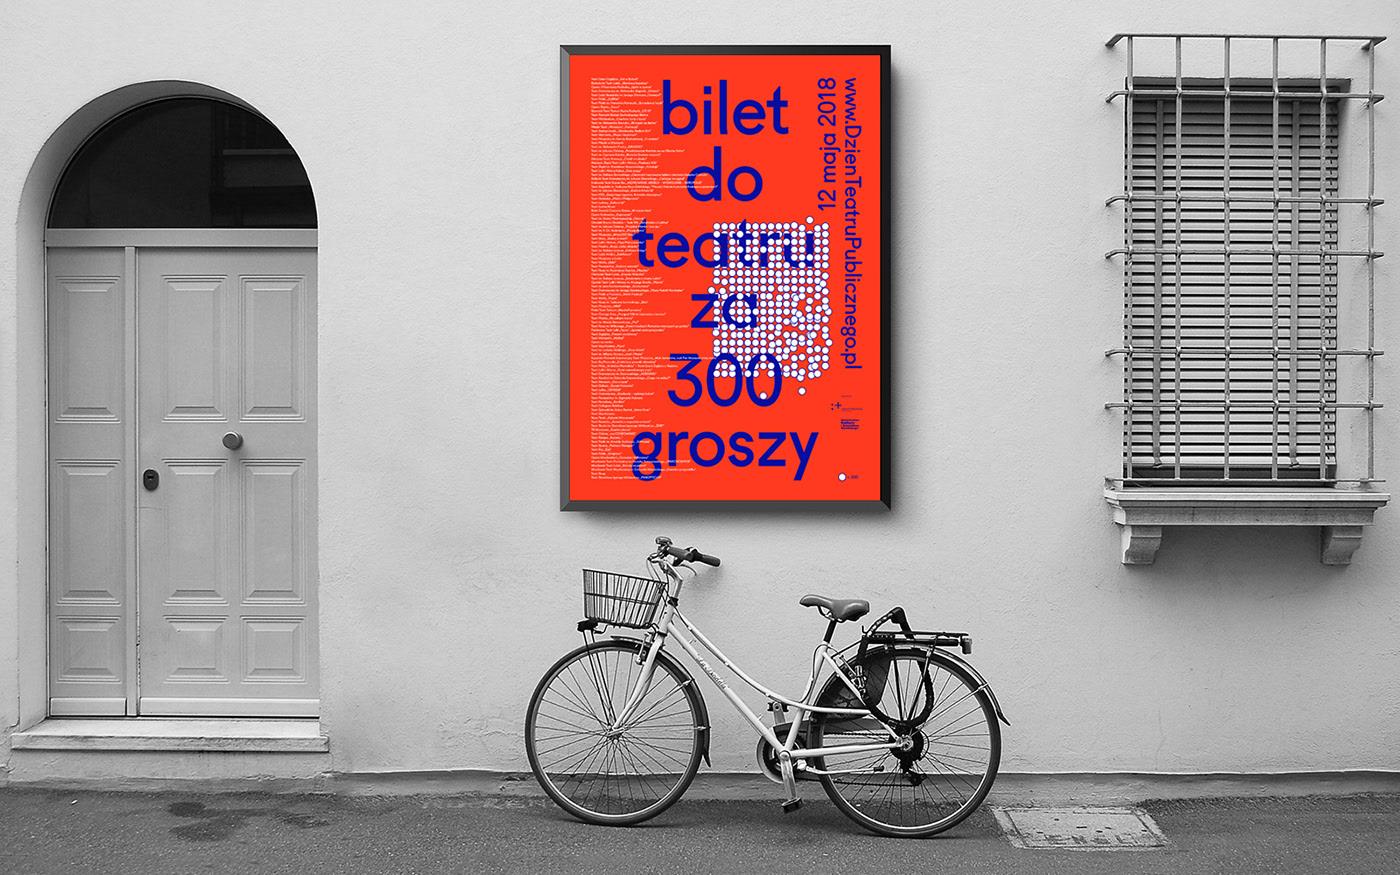 """Plakat akcji """"Bilet doteatru za300 groszy"""" zdobywcą PGD Awards"""